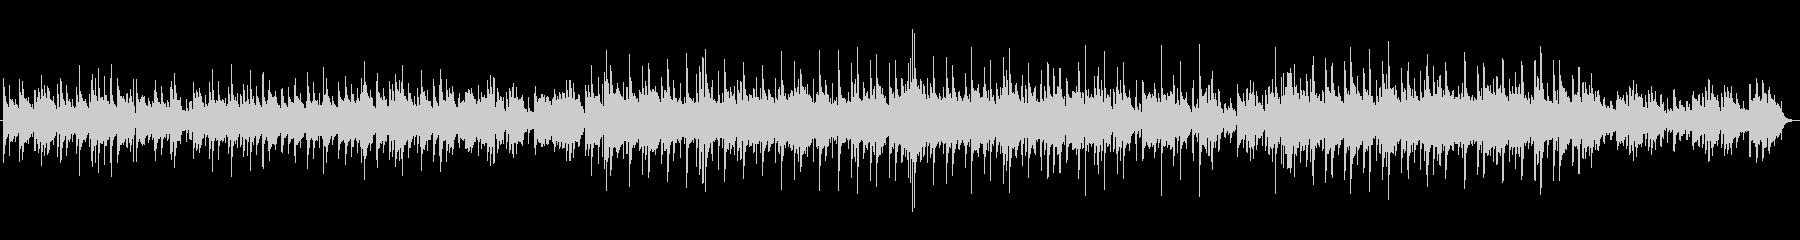 ゆったりキラキラ ハートフルなワルツ曲の未再生の波形